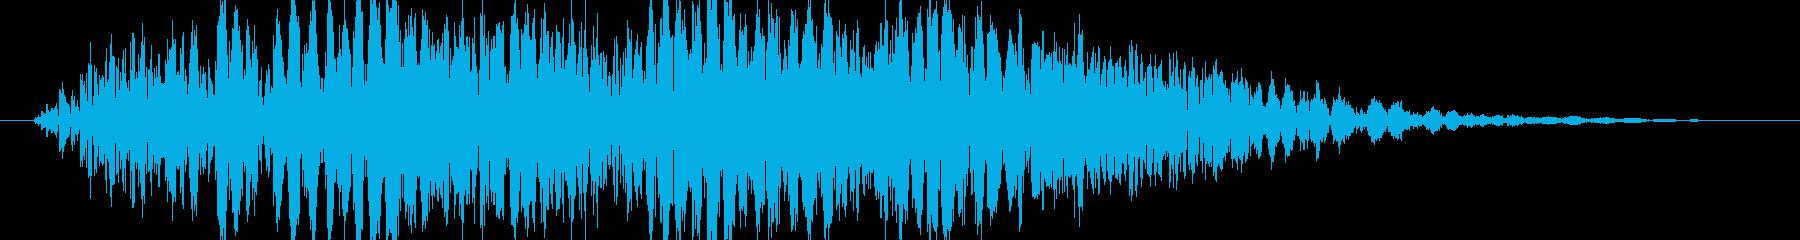 パンチやキックに最適な打撃音!06の再生済みの波形